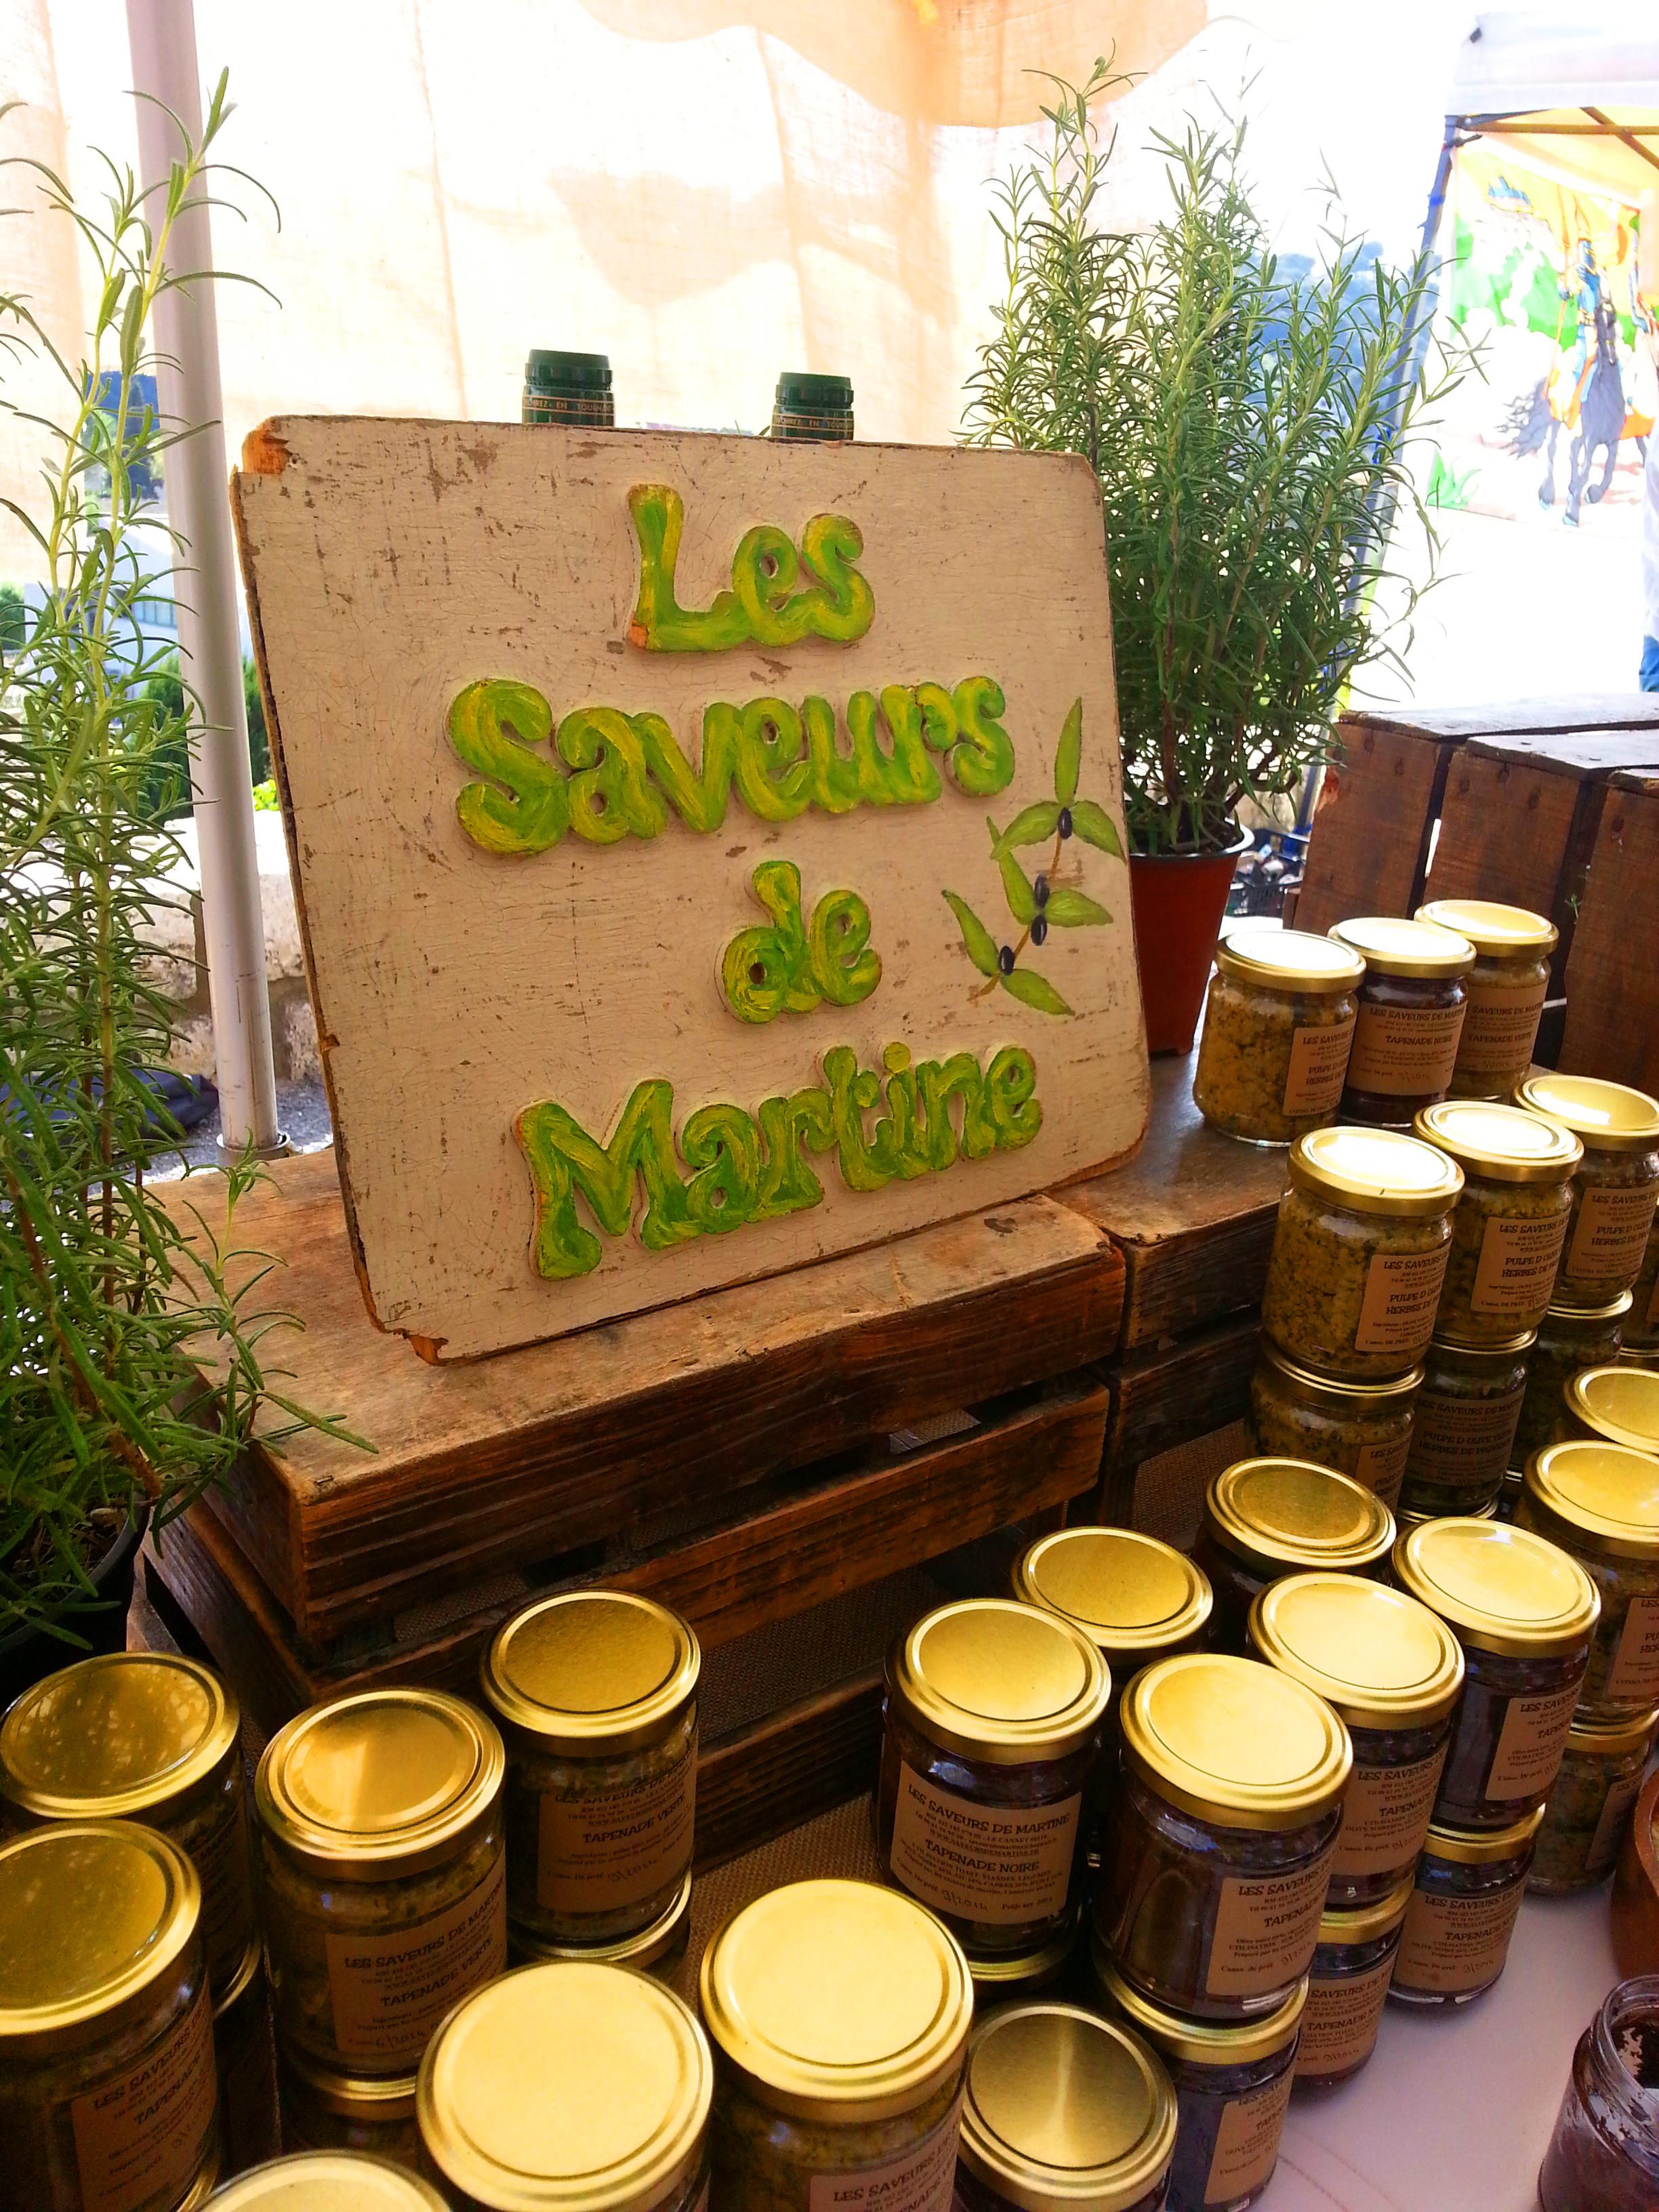 Les saveurs de Martine : tapenades Biot et les Templiers